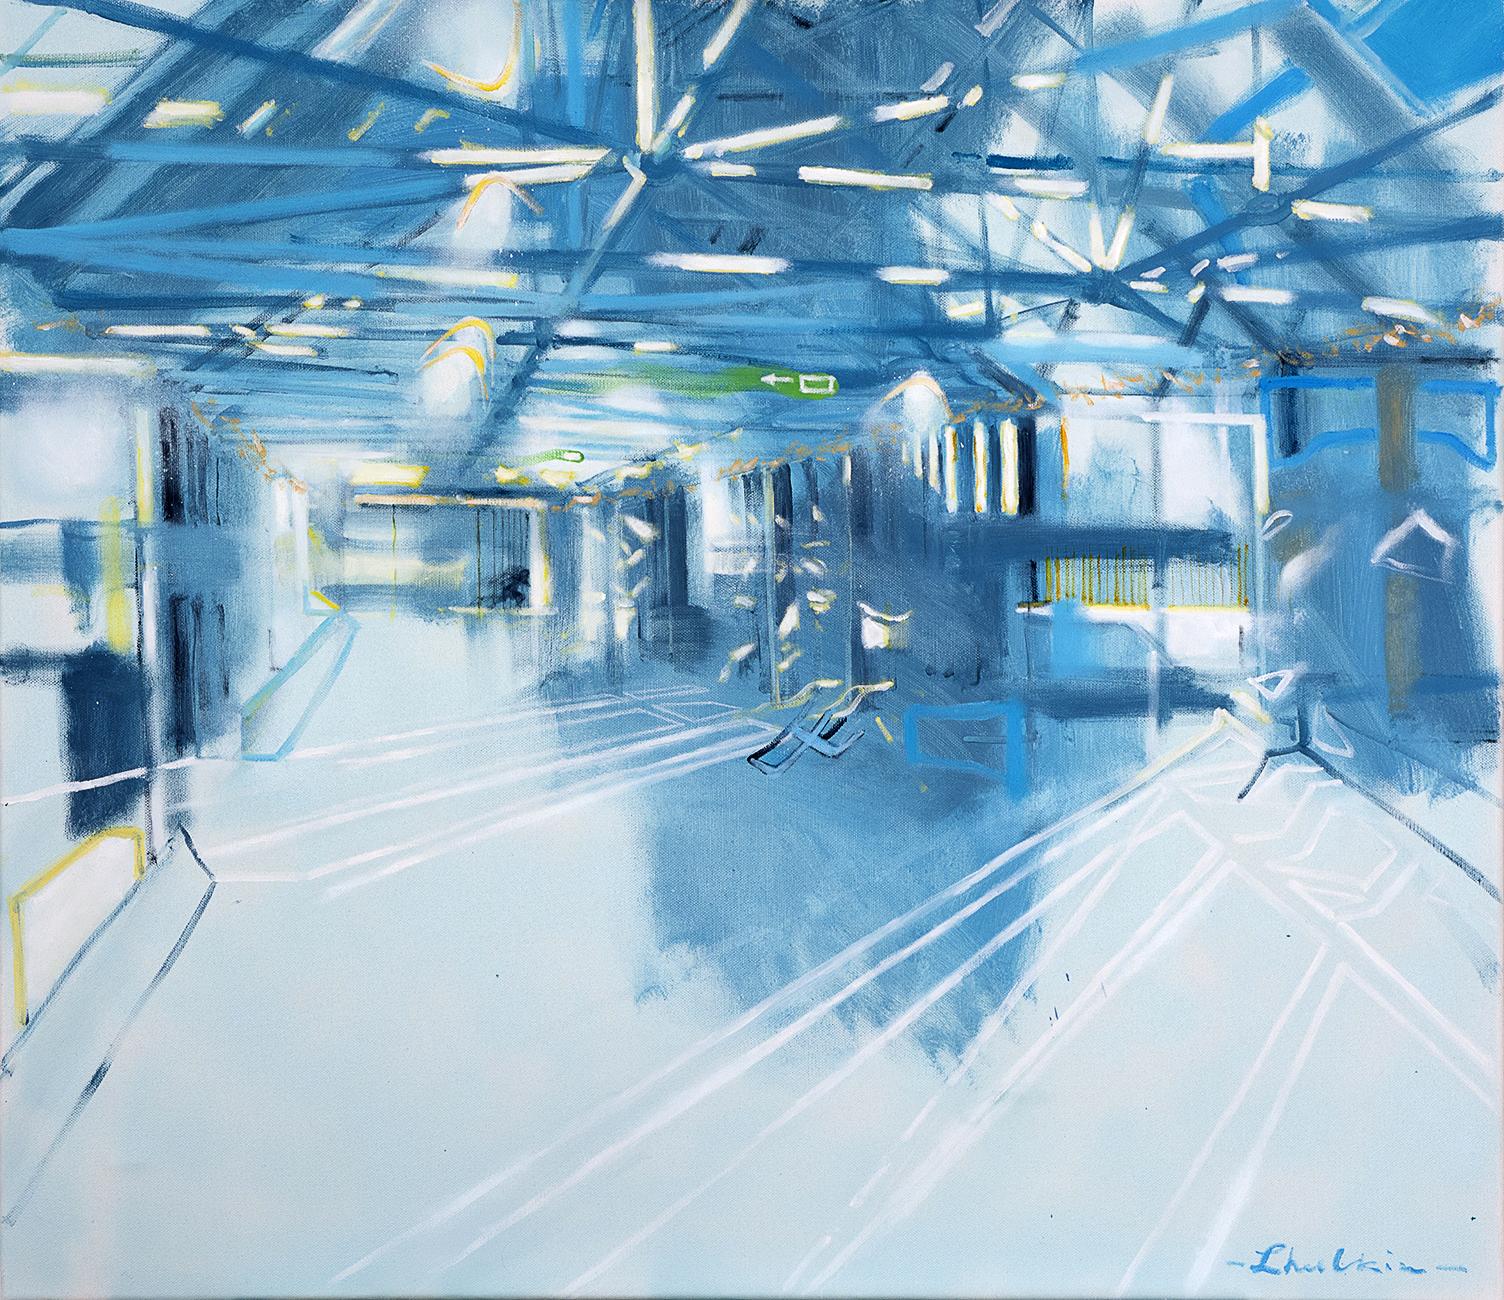 Esthesis By Helen Shulkin